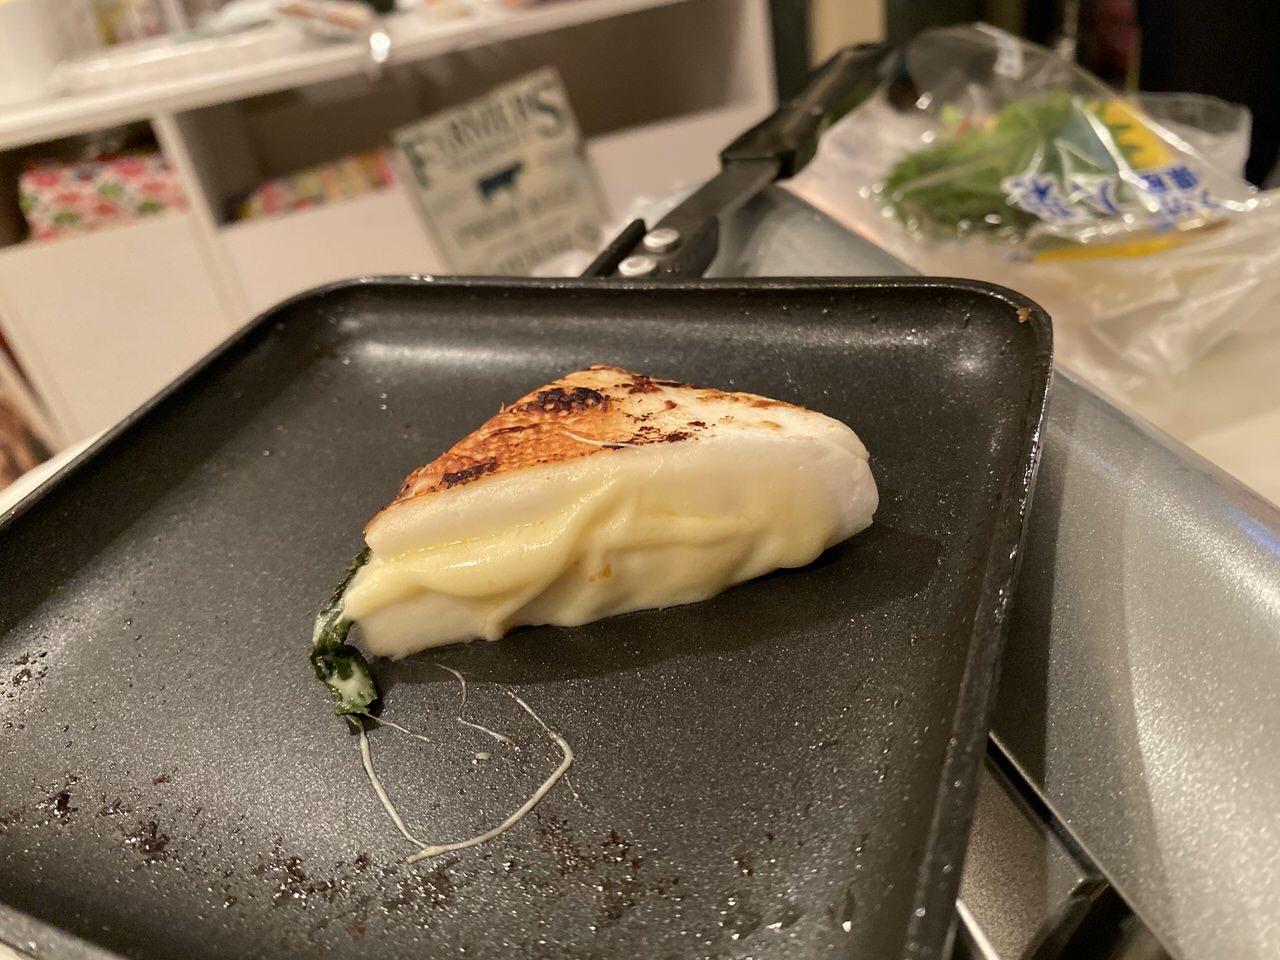 「ホットサンドメーカー」チーズ入りはんぺん 5